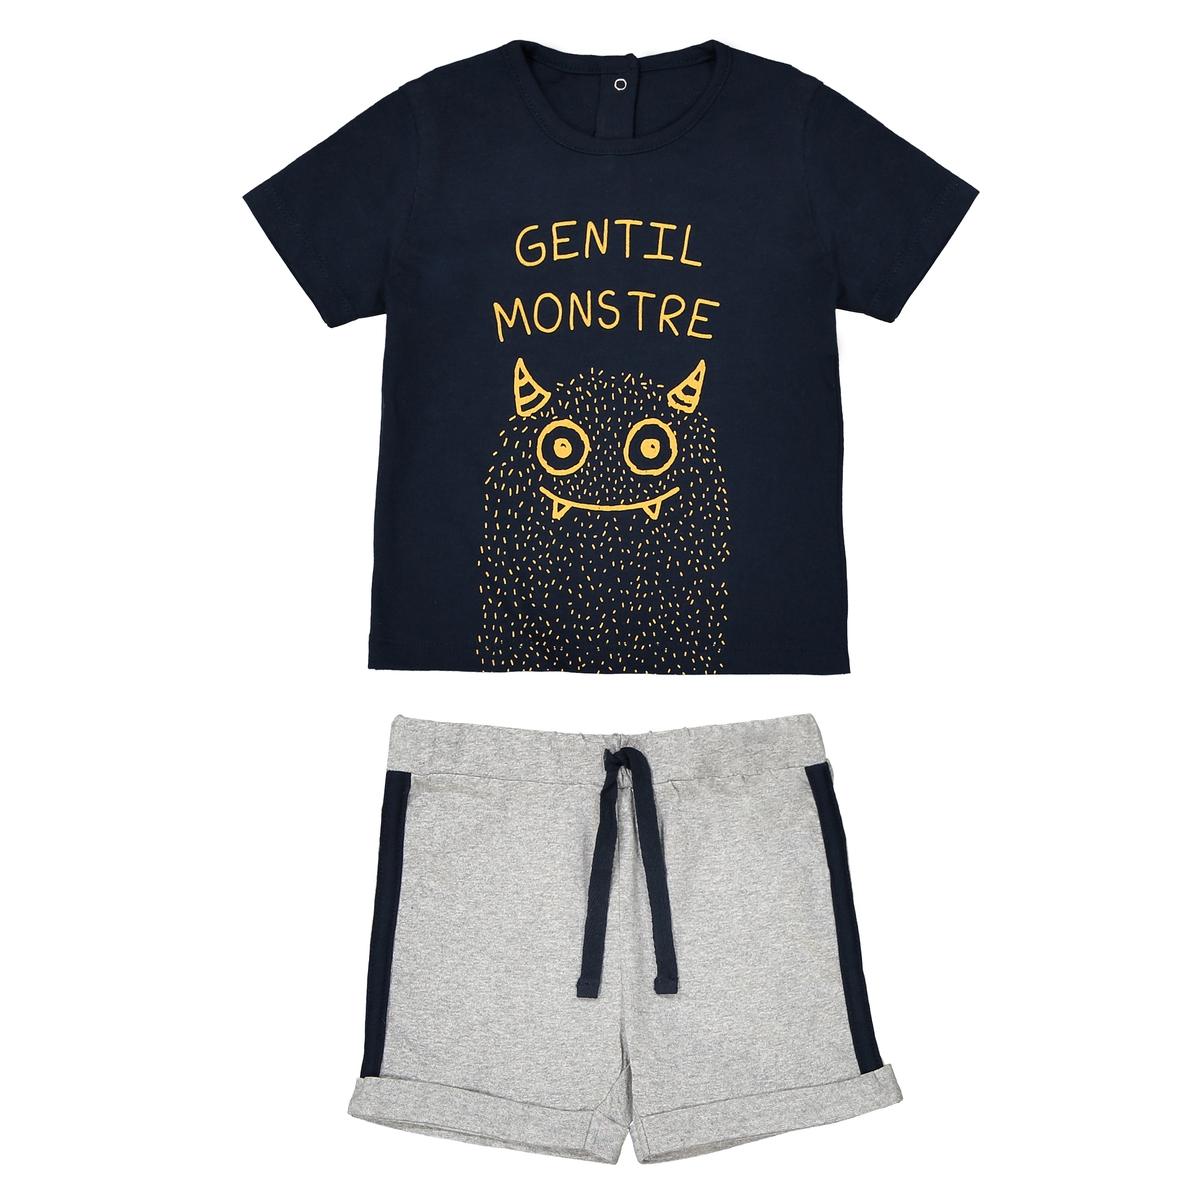 Комплект детский из футболки и шорт, 1 мес. - 3 года La Redoute Collections